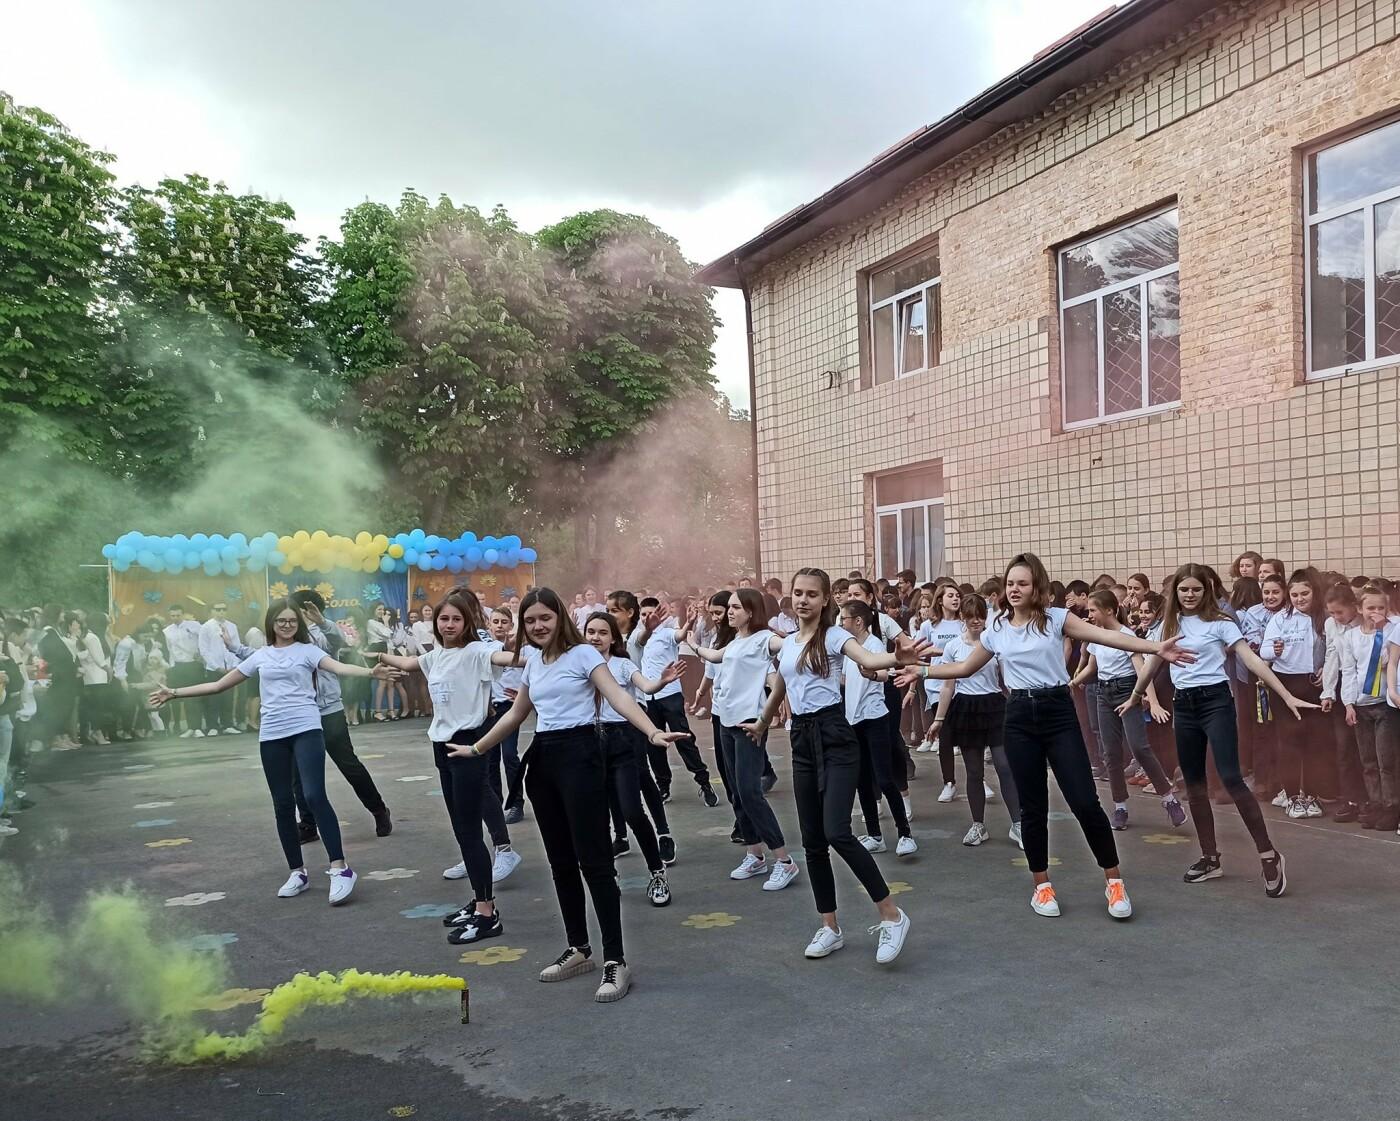 Останній дзвоник пролунав у школі №2 Новограда-Волинського для учнів 5-11 класів, фото-4